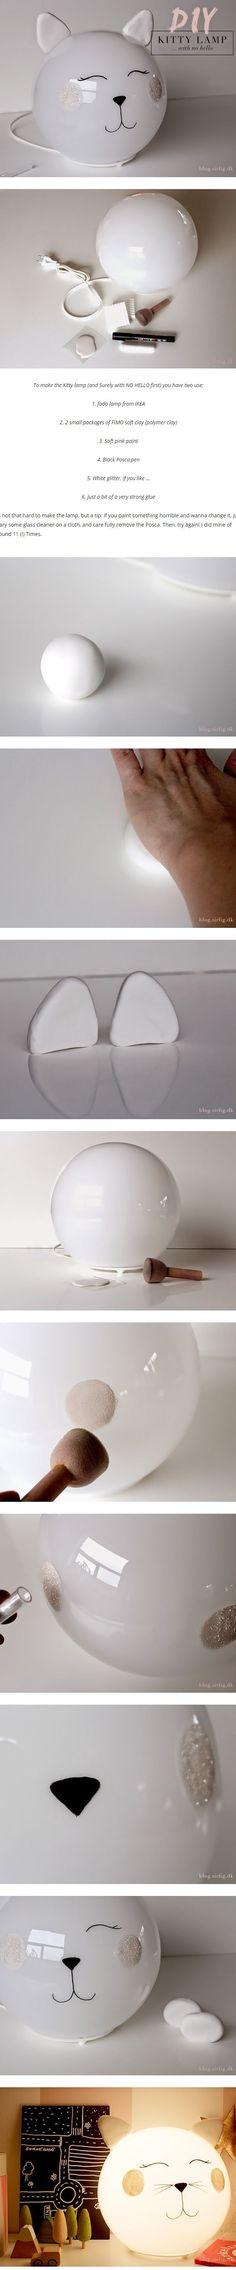 111 moderne leinwandbilder selber gestalten bilder pinterest selbermachen und selber machen. Black Bedroom Furniture Sets. Home Design Ideas